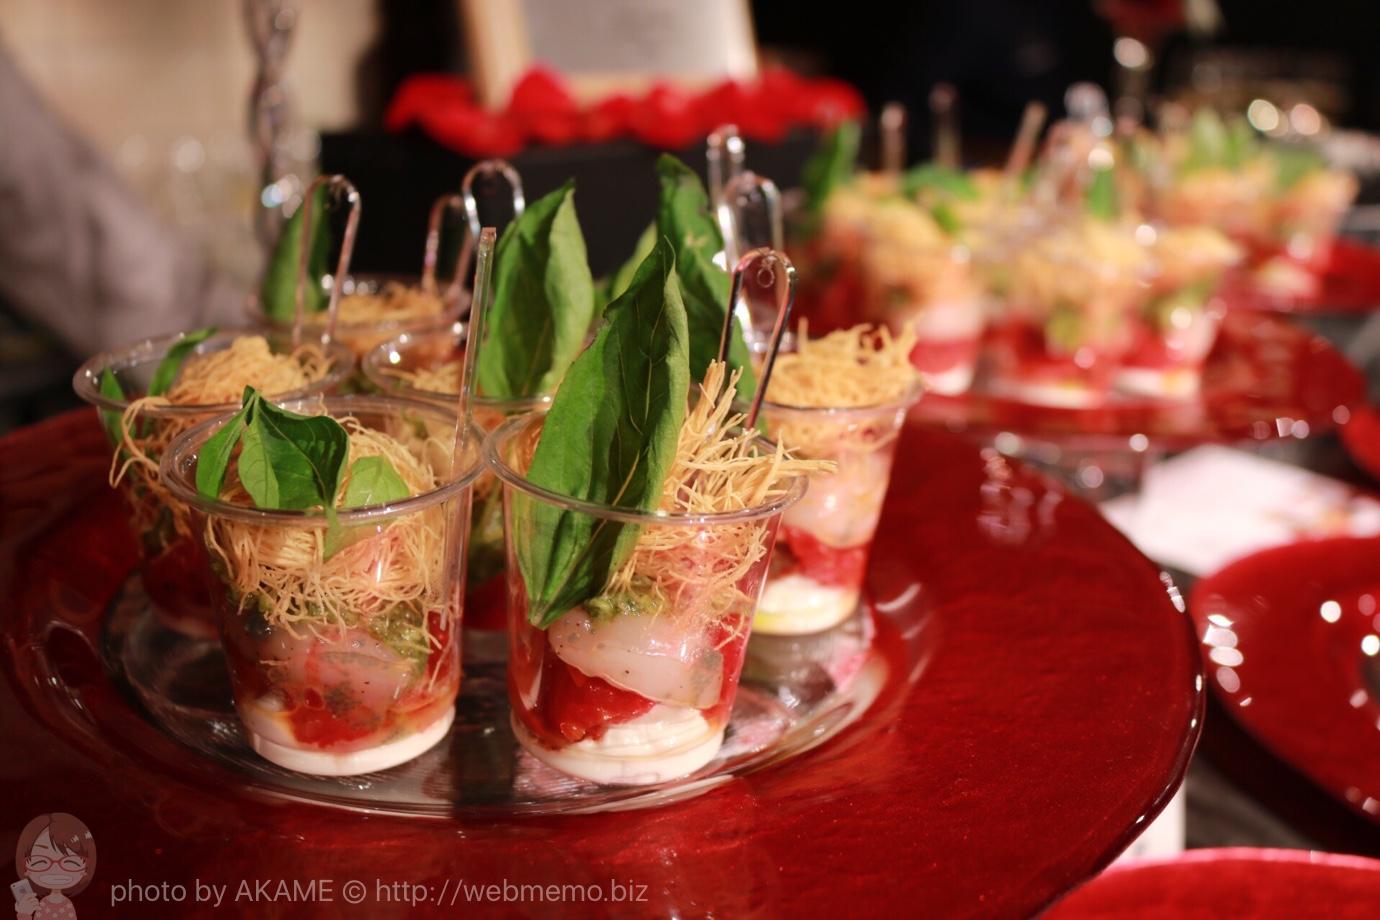 日伊国交150周年記念!イタリア尽くしフェス「イタリア・アモーレ・ミオ!」が5月下旬に六本木で開催